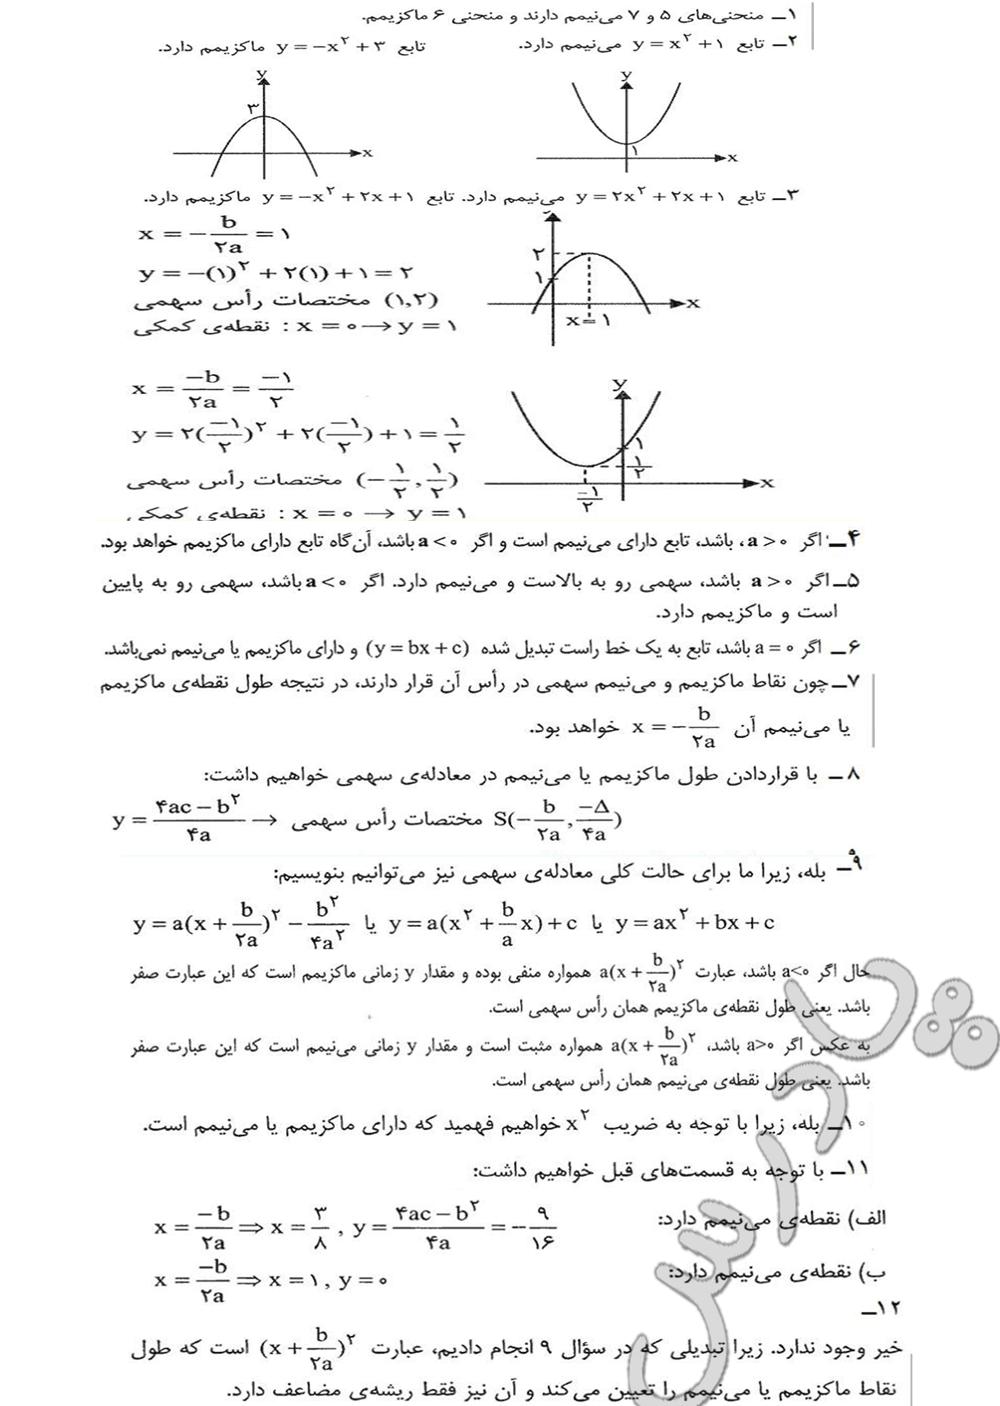 حل فعالیت صفحه 105 ریاضی پایه پیش انسانی